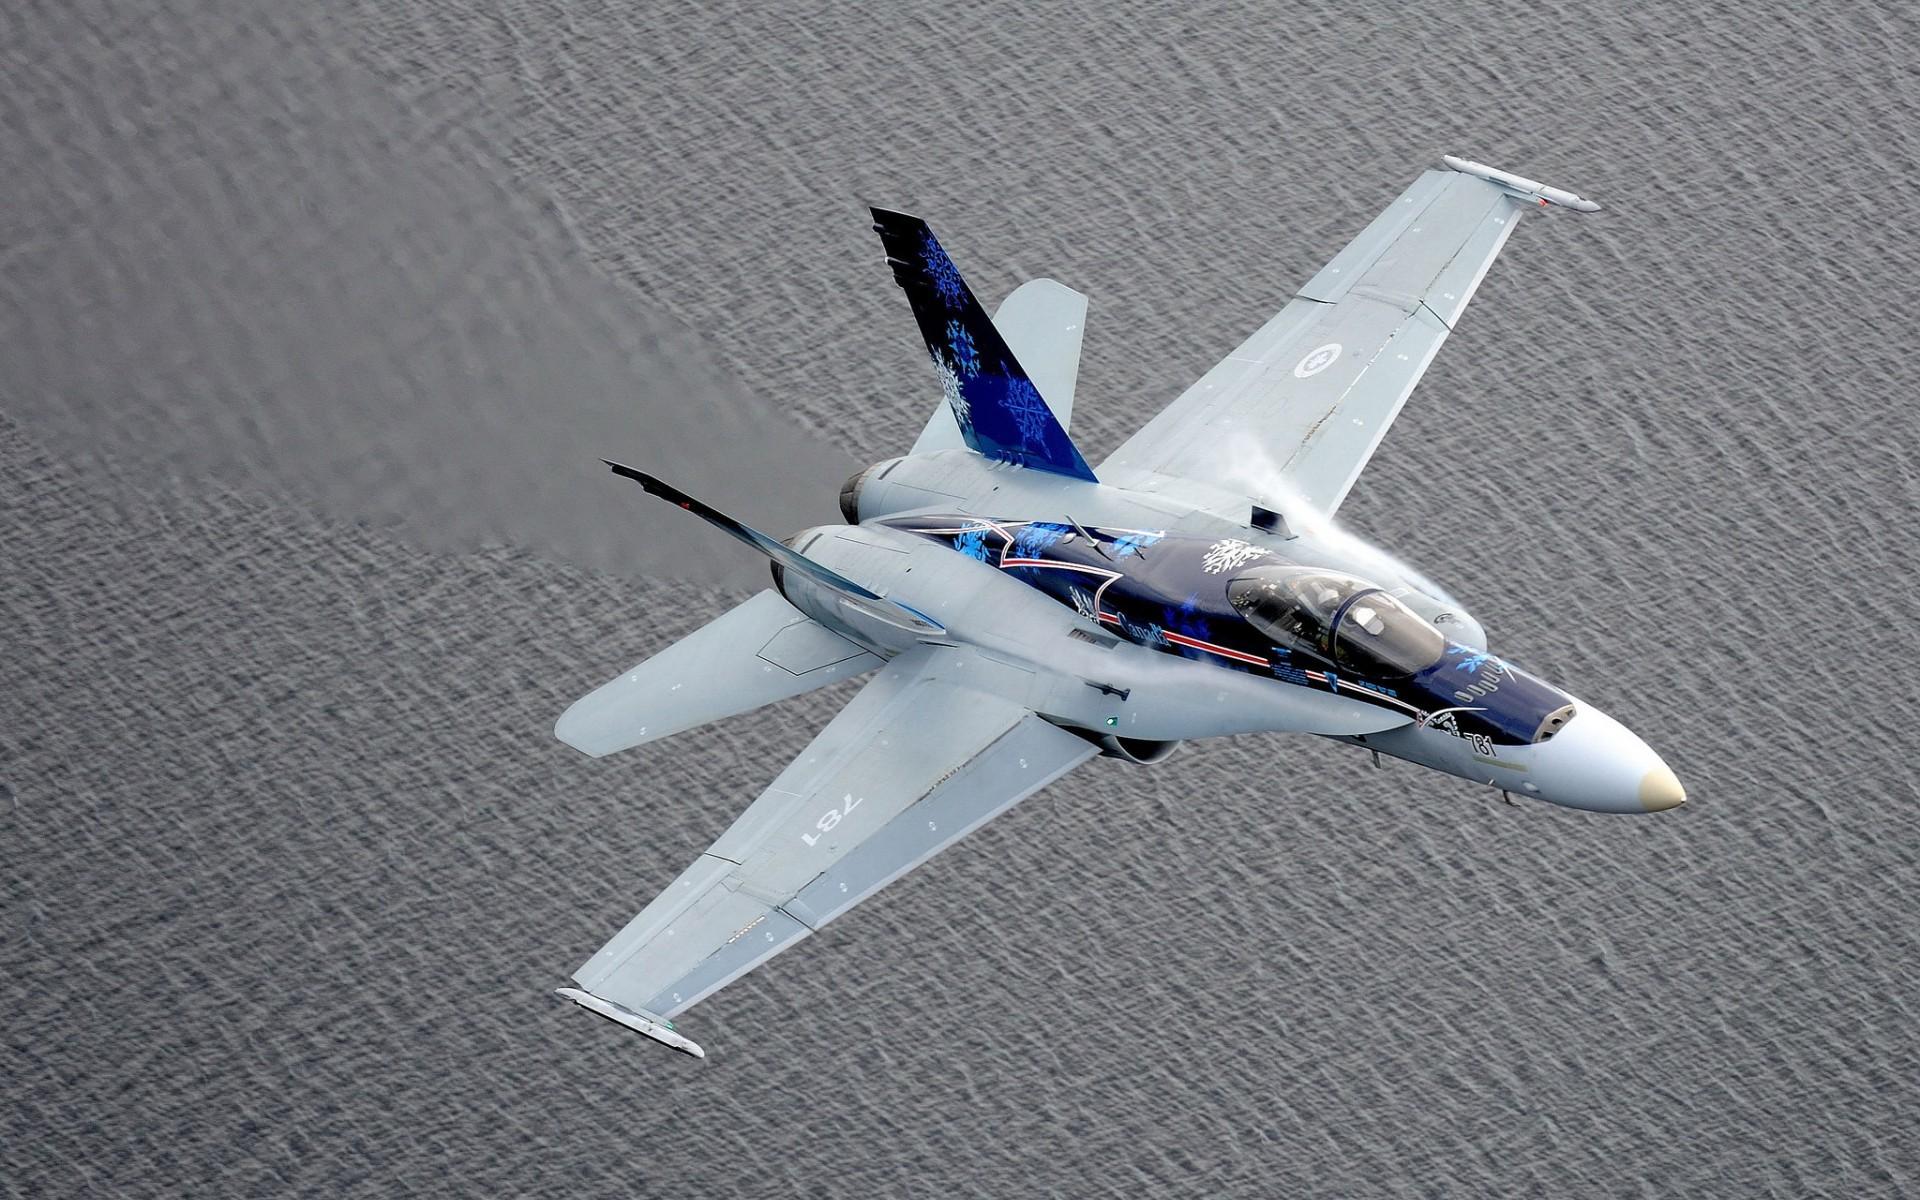 Картинка: Истребитель, CF-18, Hornet, летит, вода, воздух, сопротивление